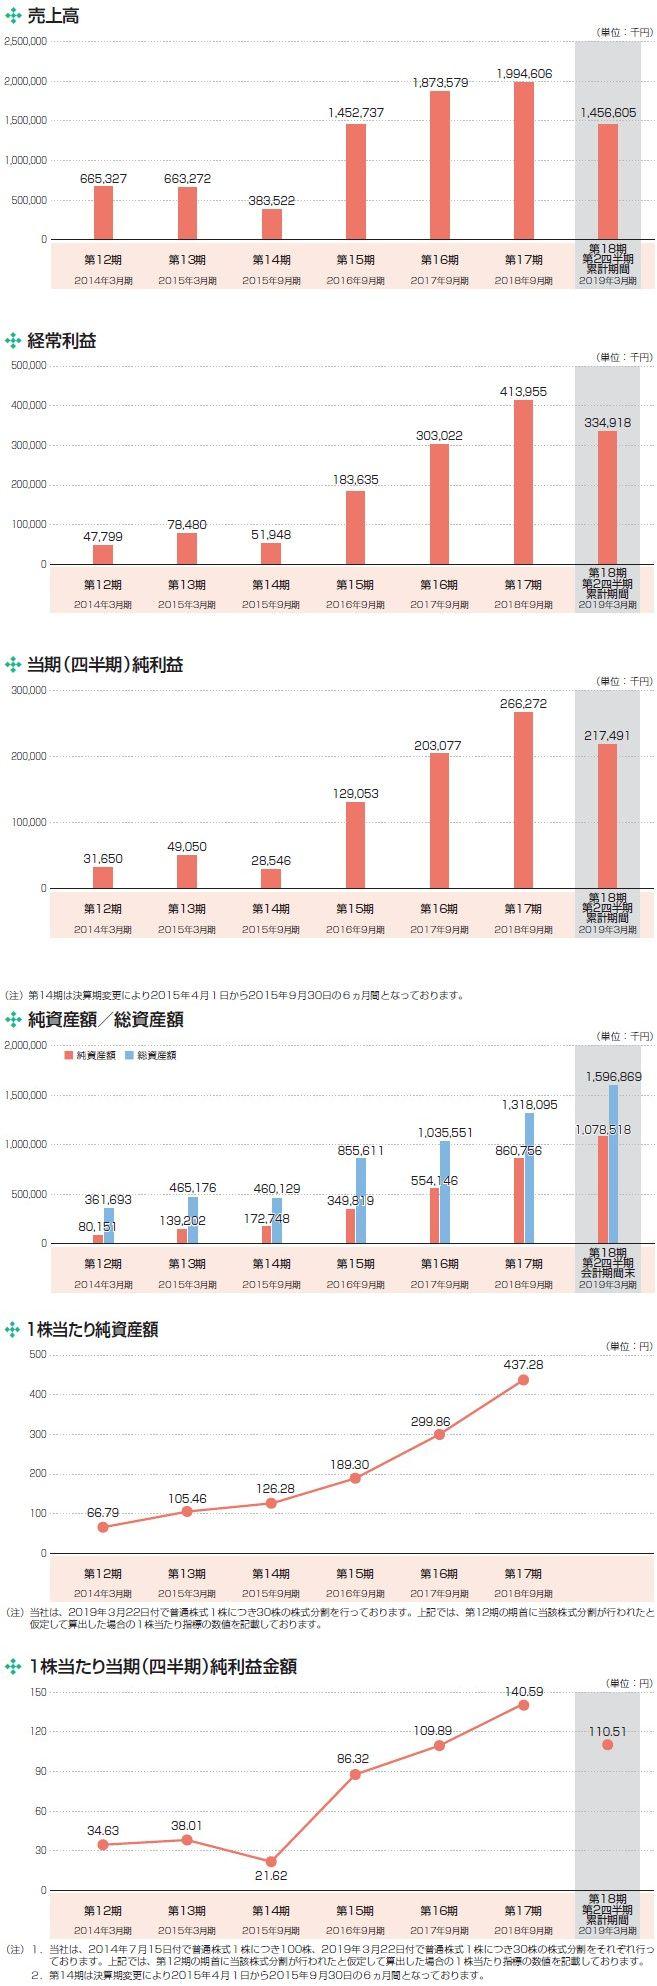 ピアズの経営指標グラフ